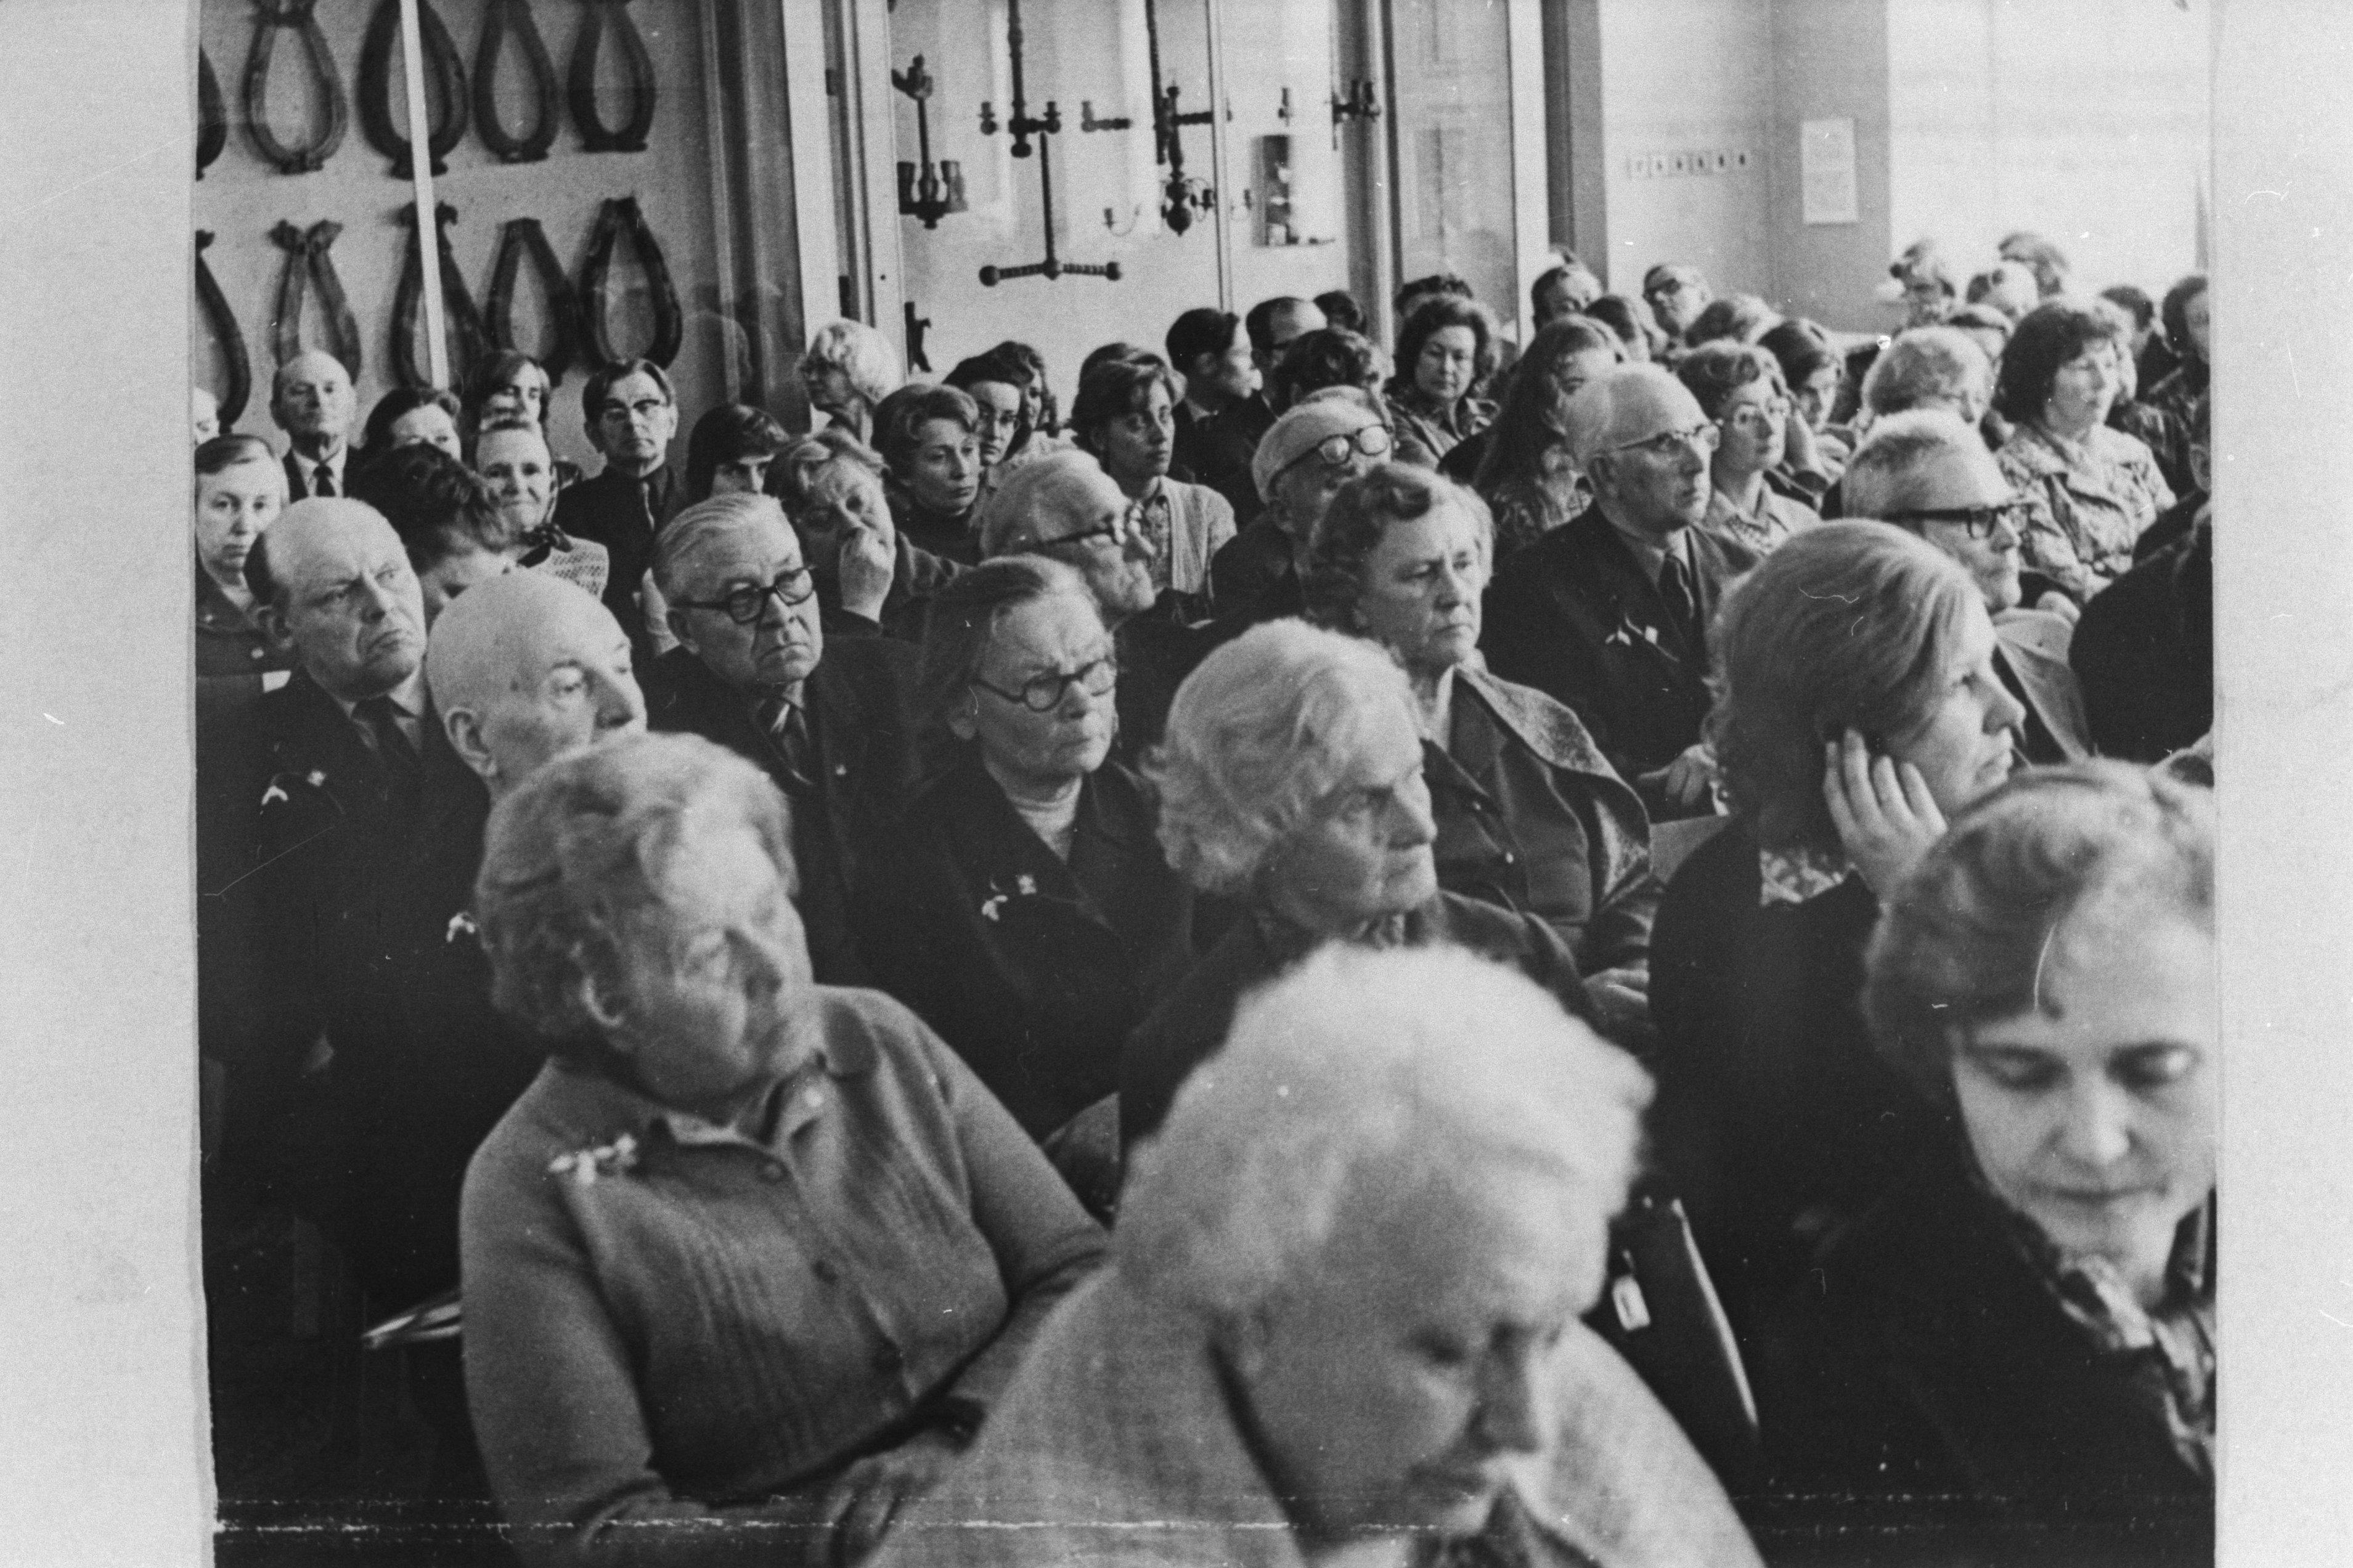 EFA.311.0-94875. Muuseumi teaduskonverents 14.apr. 1976